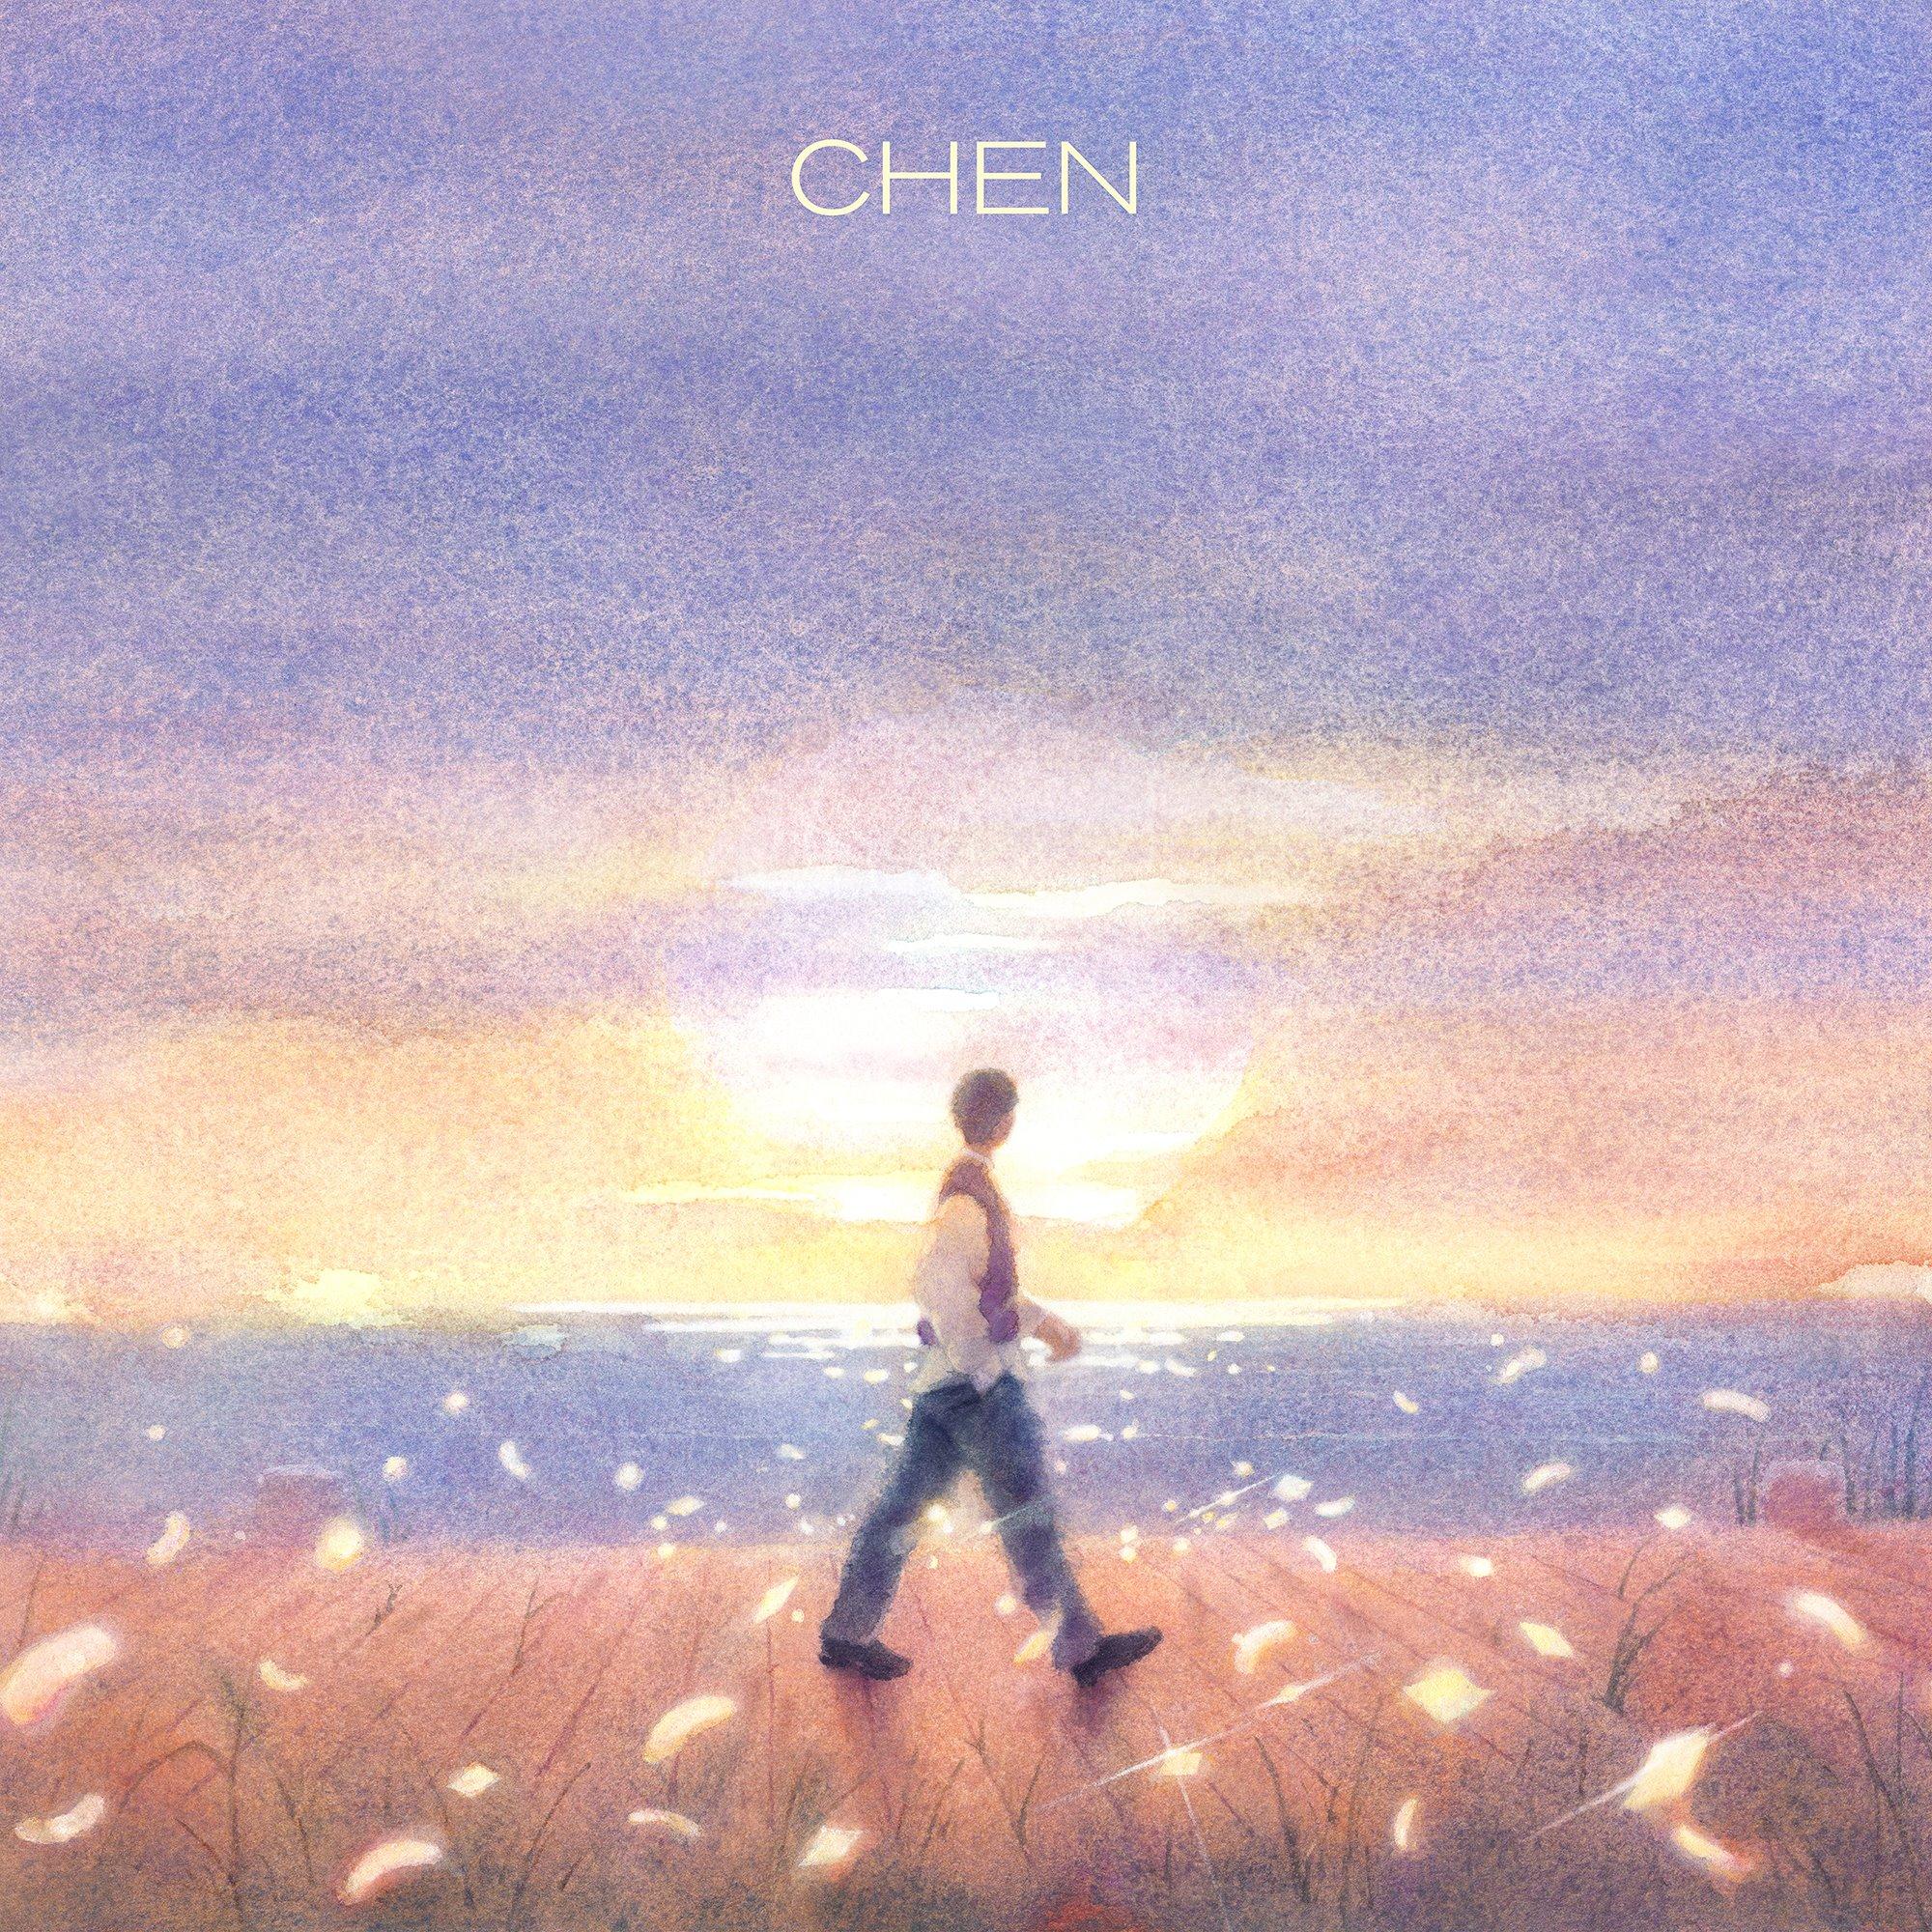 Chen 5